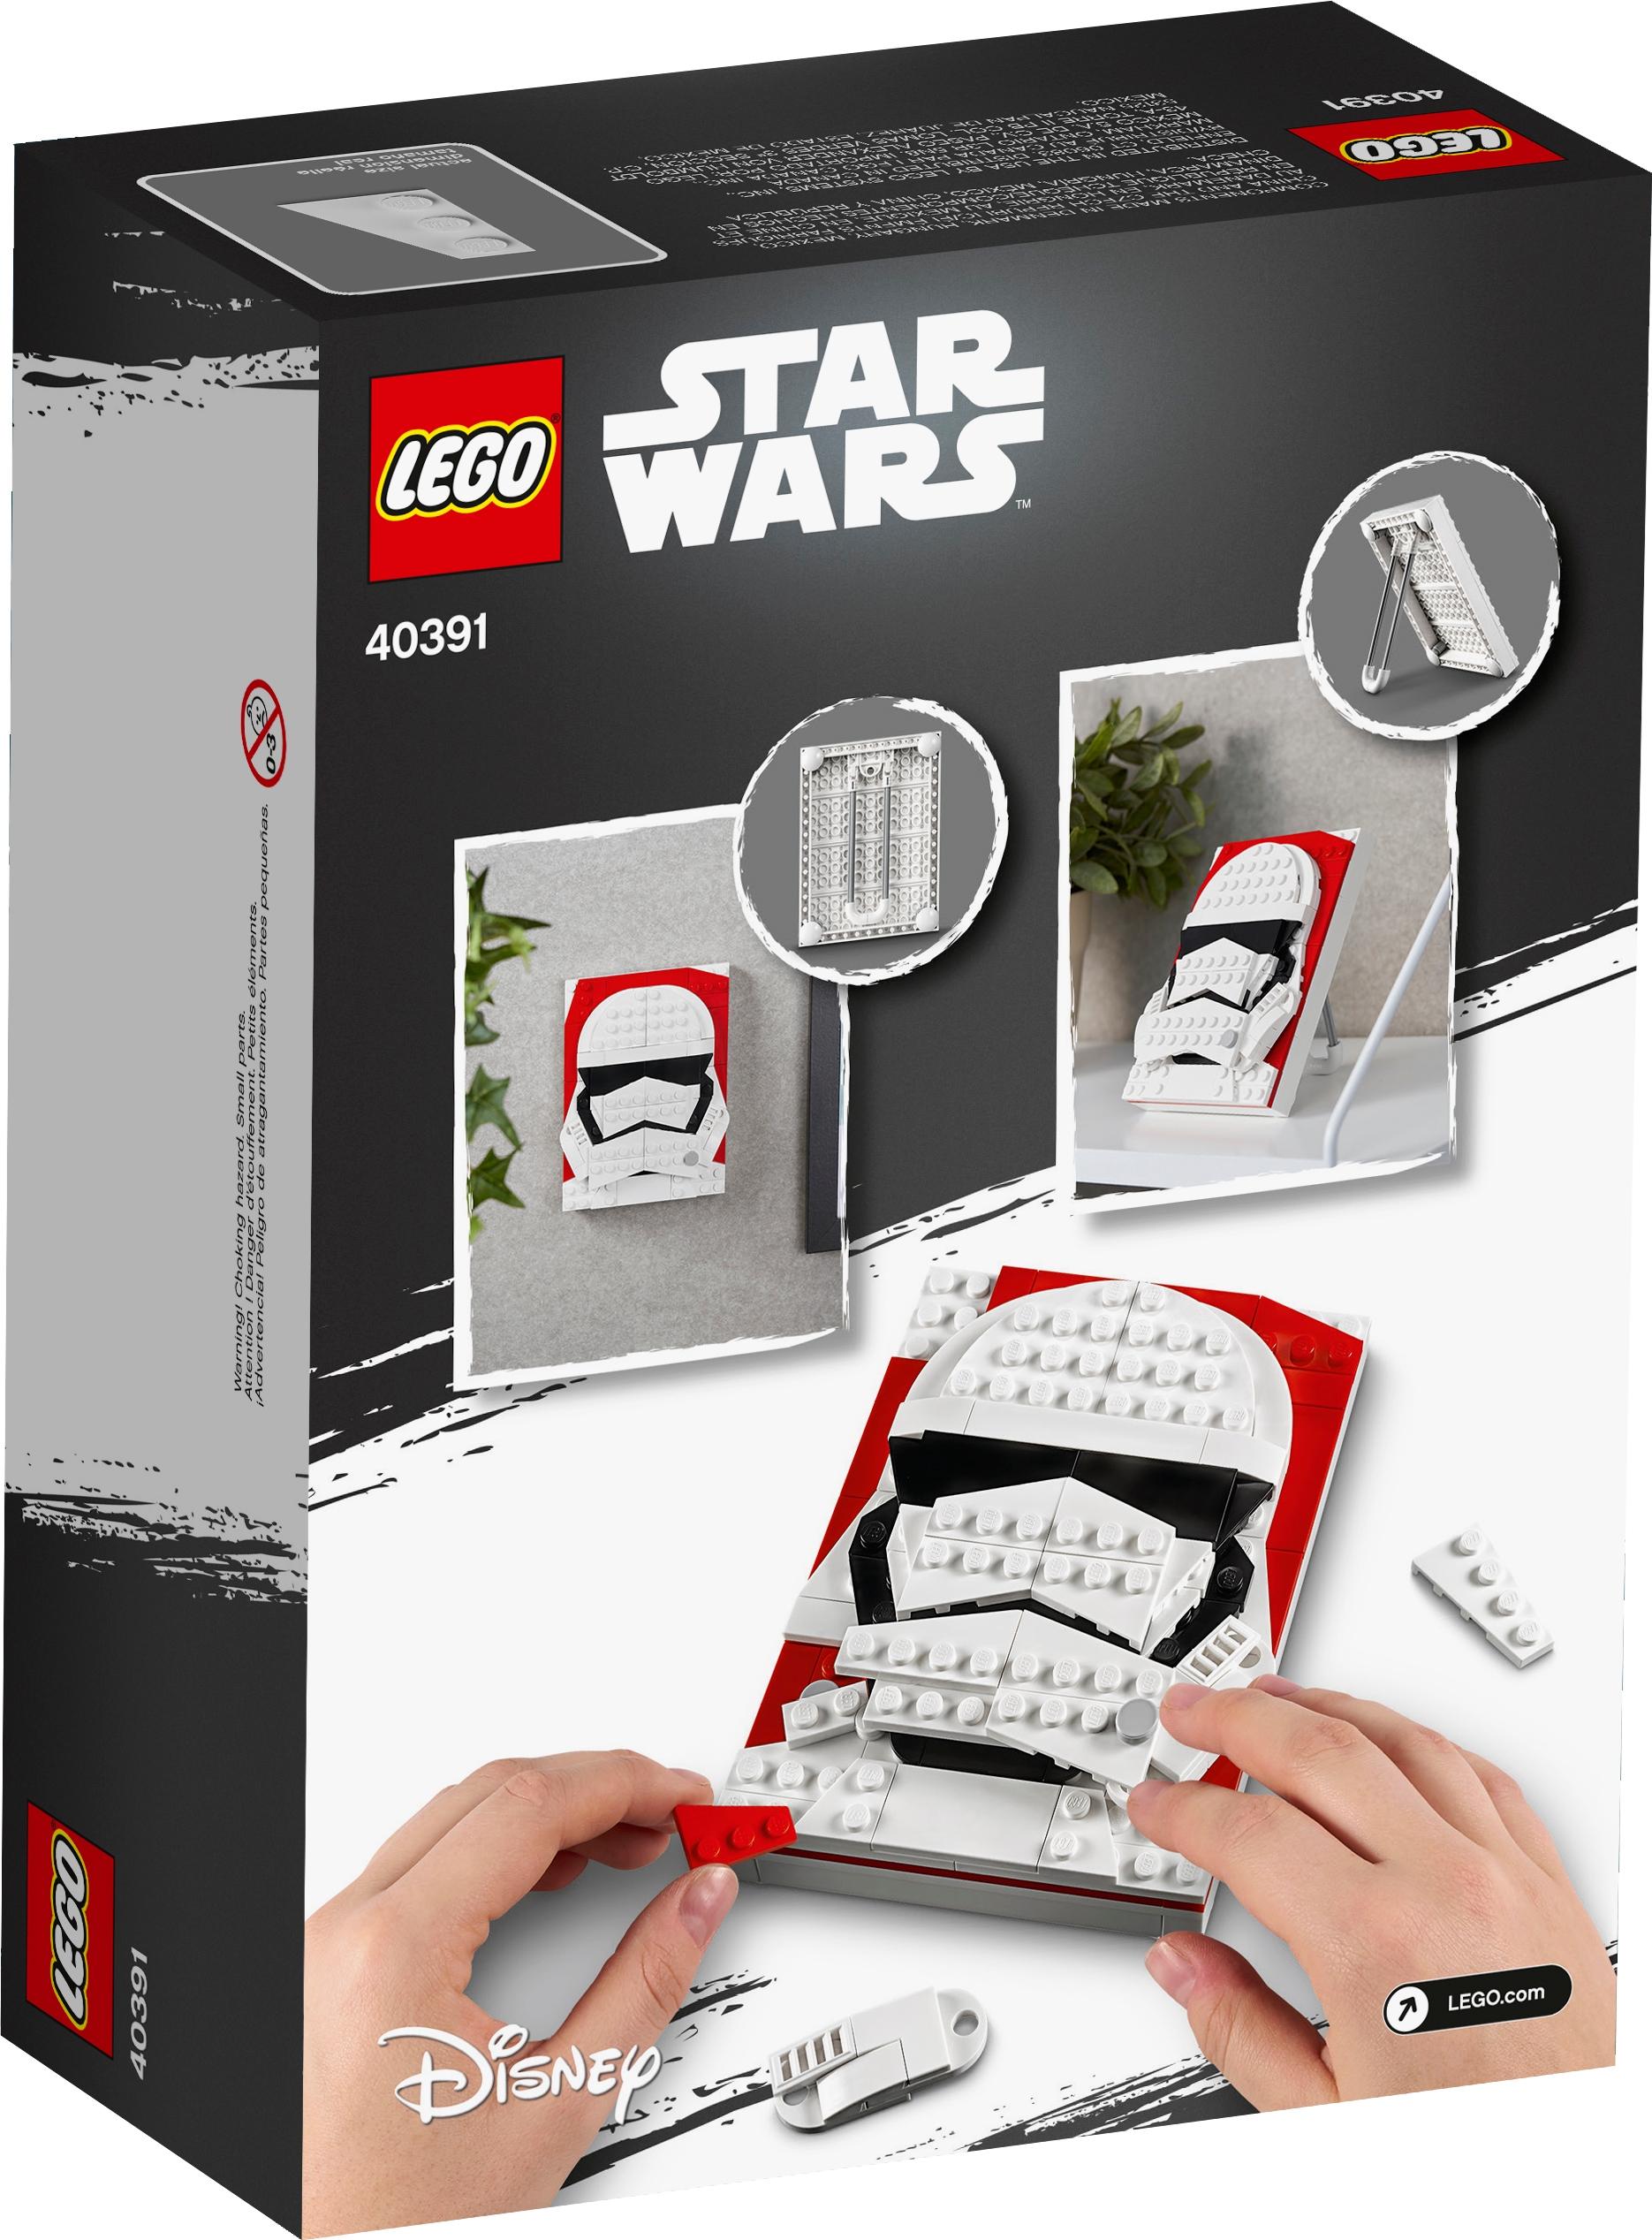 LEGO StarWars 40391 First Order Stormtrooper